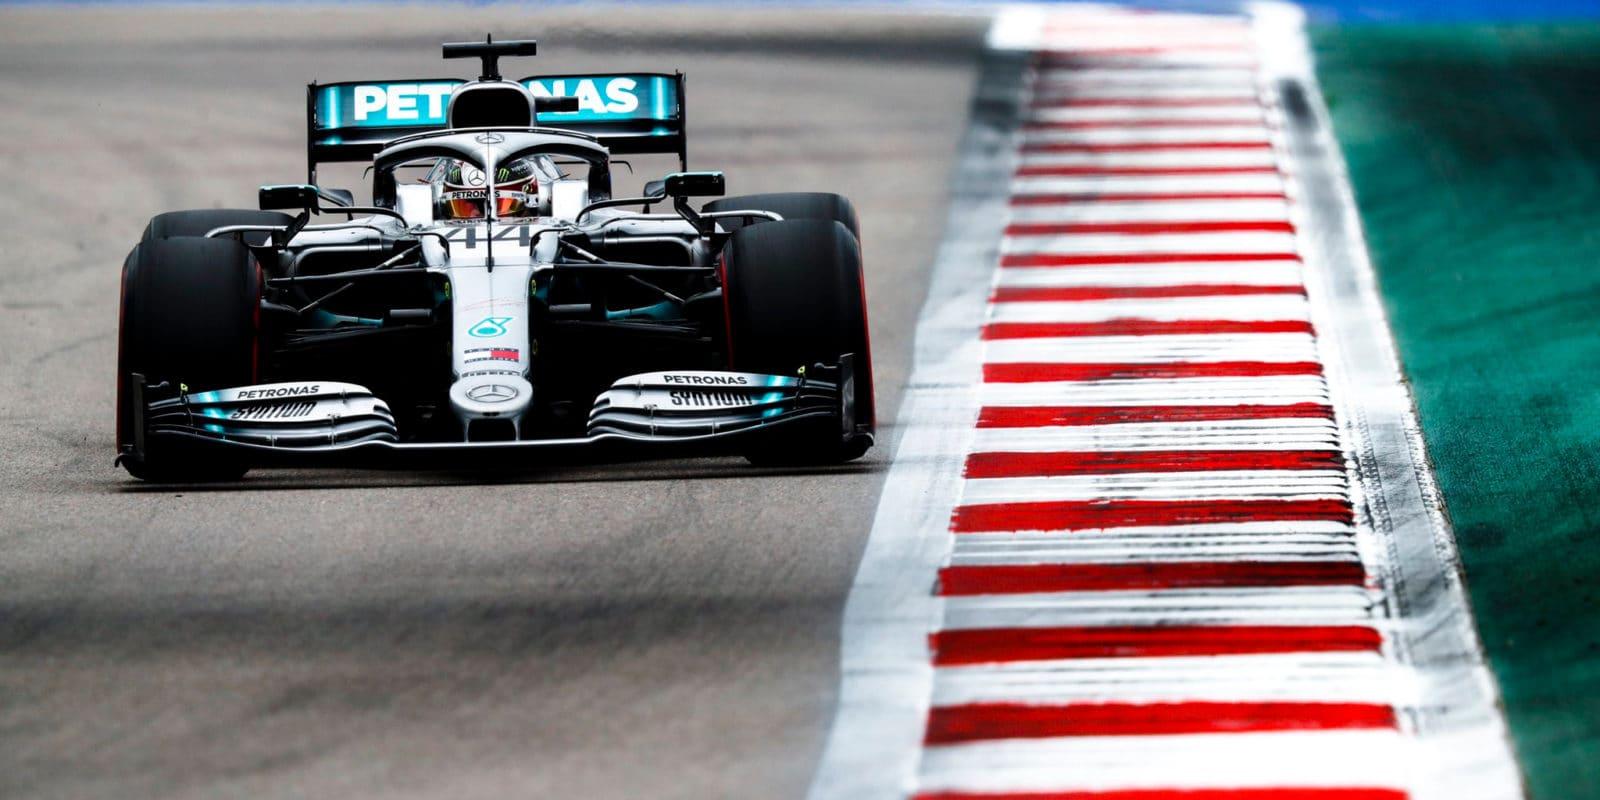 Závod v Soči vyhrál Lewis Hamilton, Vettel odstoupil